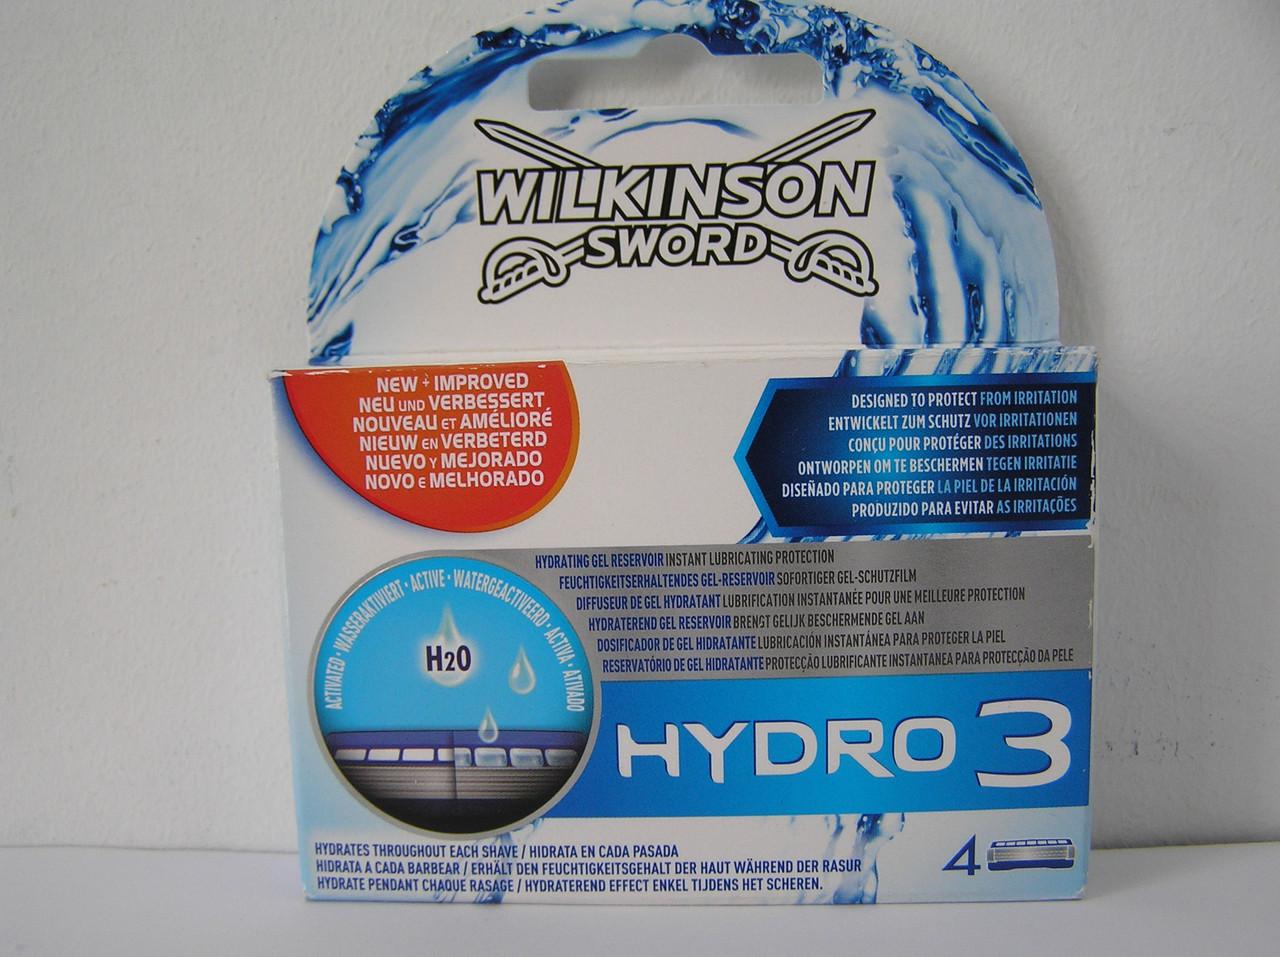 Кассеты для бритья мужские Schick Wilkinson Sword  Hydro 3 (Шик гидро 3) 4 шт.